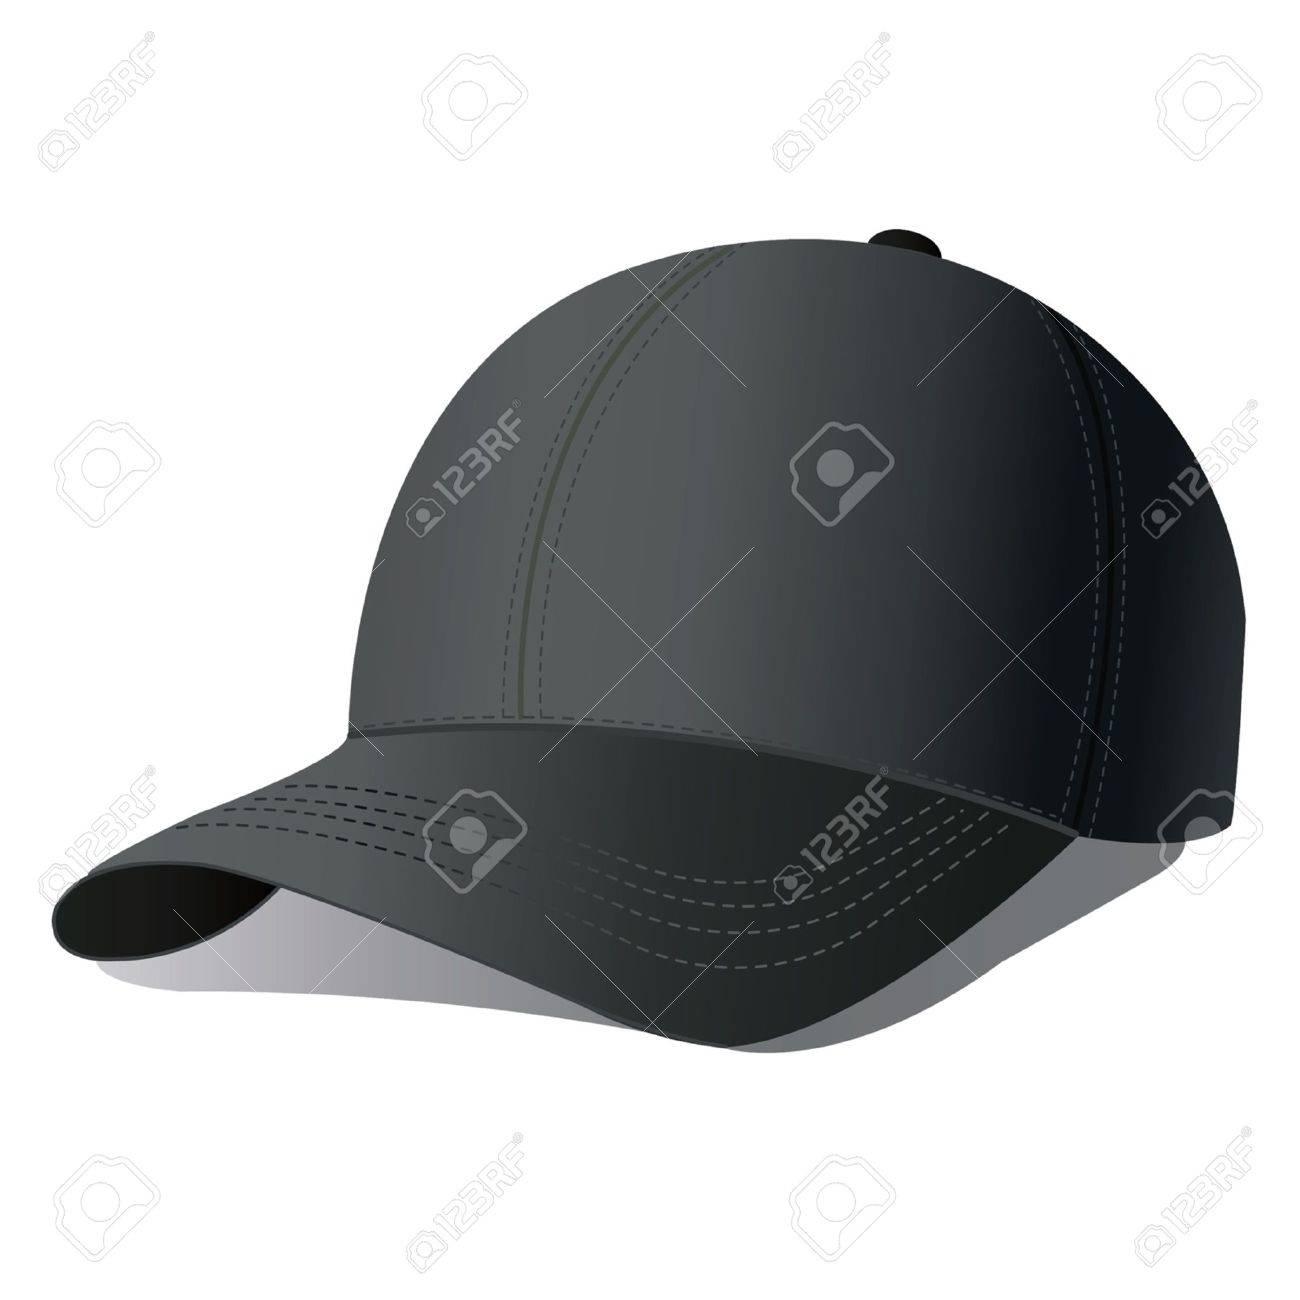 野球帽のイラストのイラスト素材ベクタ Image 9626032